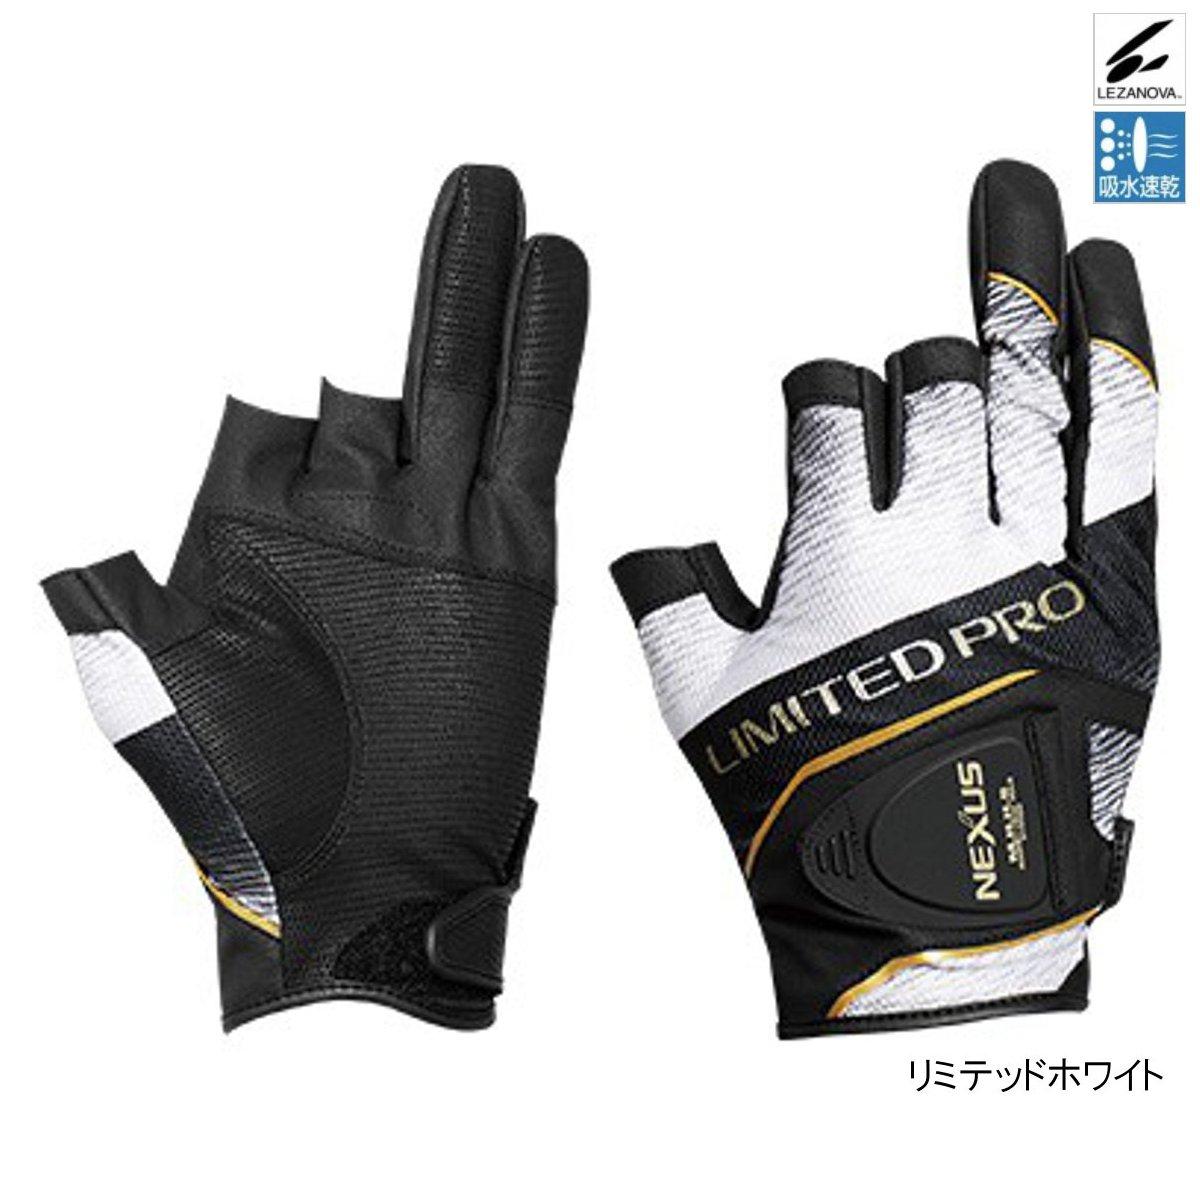 シマノ NEXUS・レザノヴァプリントグローブ3 LIMITED PRO GL-141S L リミテッドホワイト(東日本店)